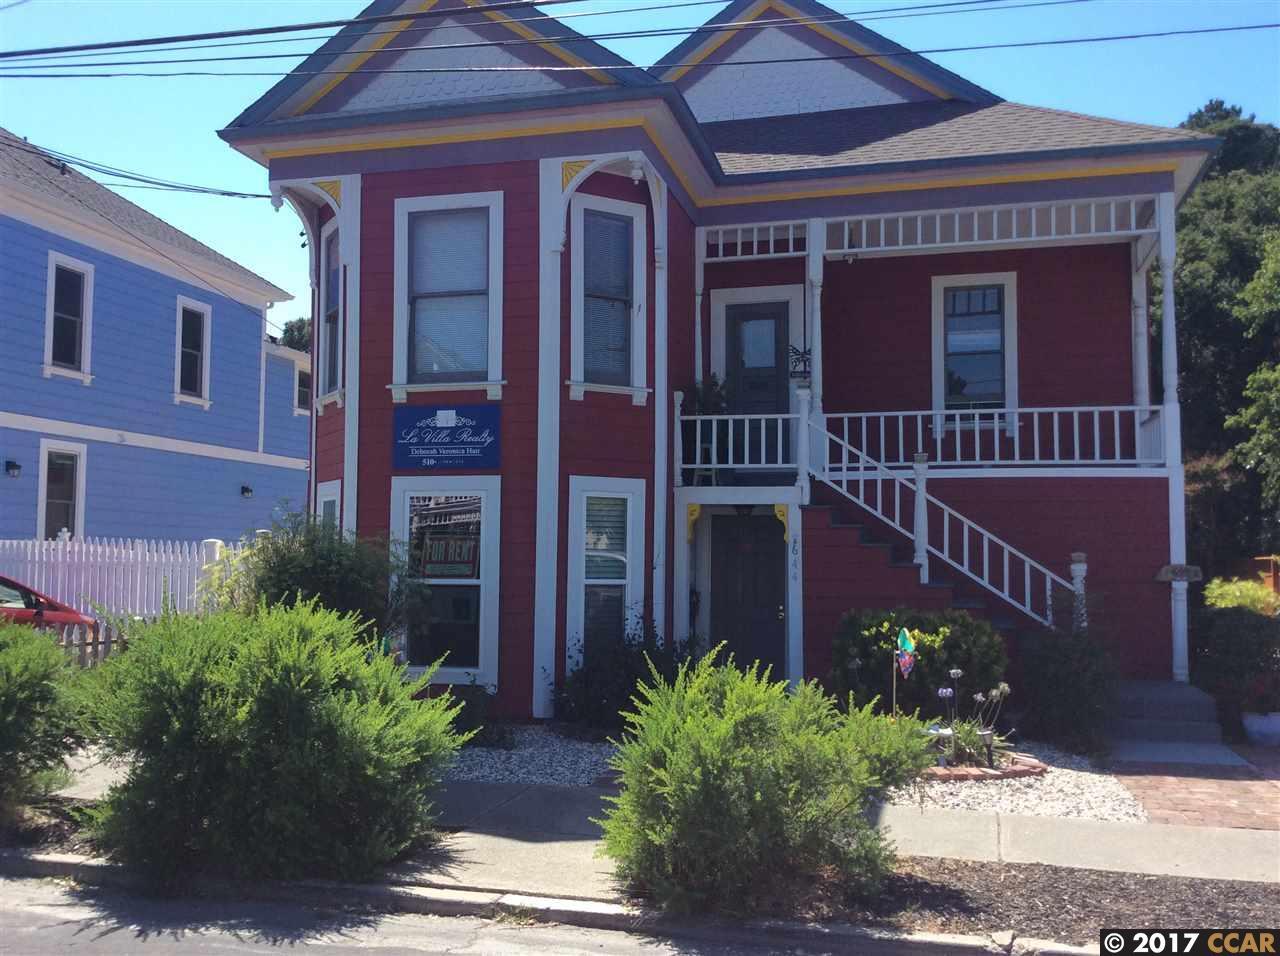 二世帯住宅 のために 賃貸 アット 644 Quinan 644 Quinan Pinole, カリフォルニア 94564 アメリカ合衆国